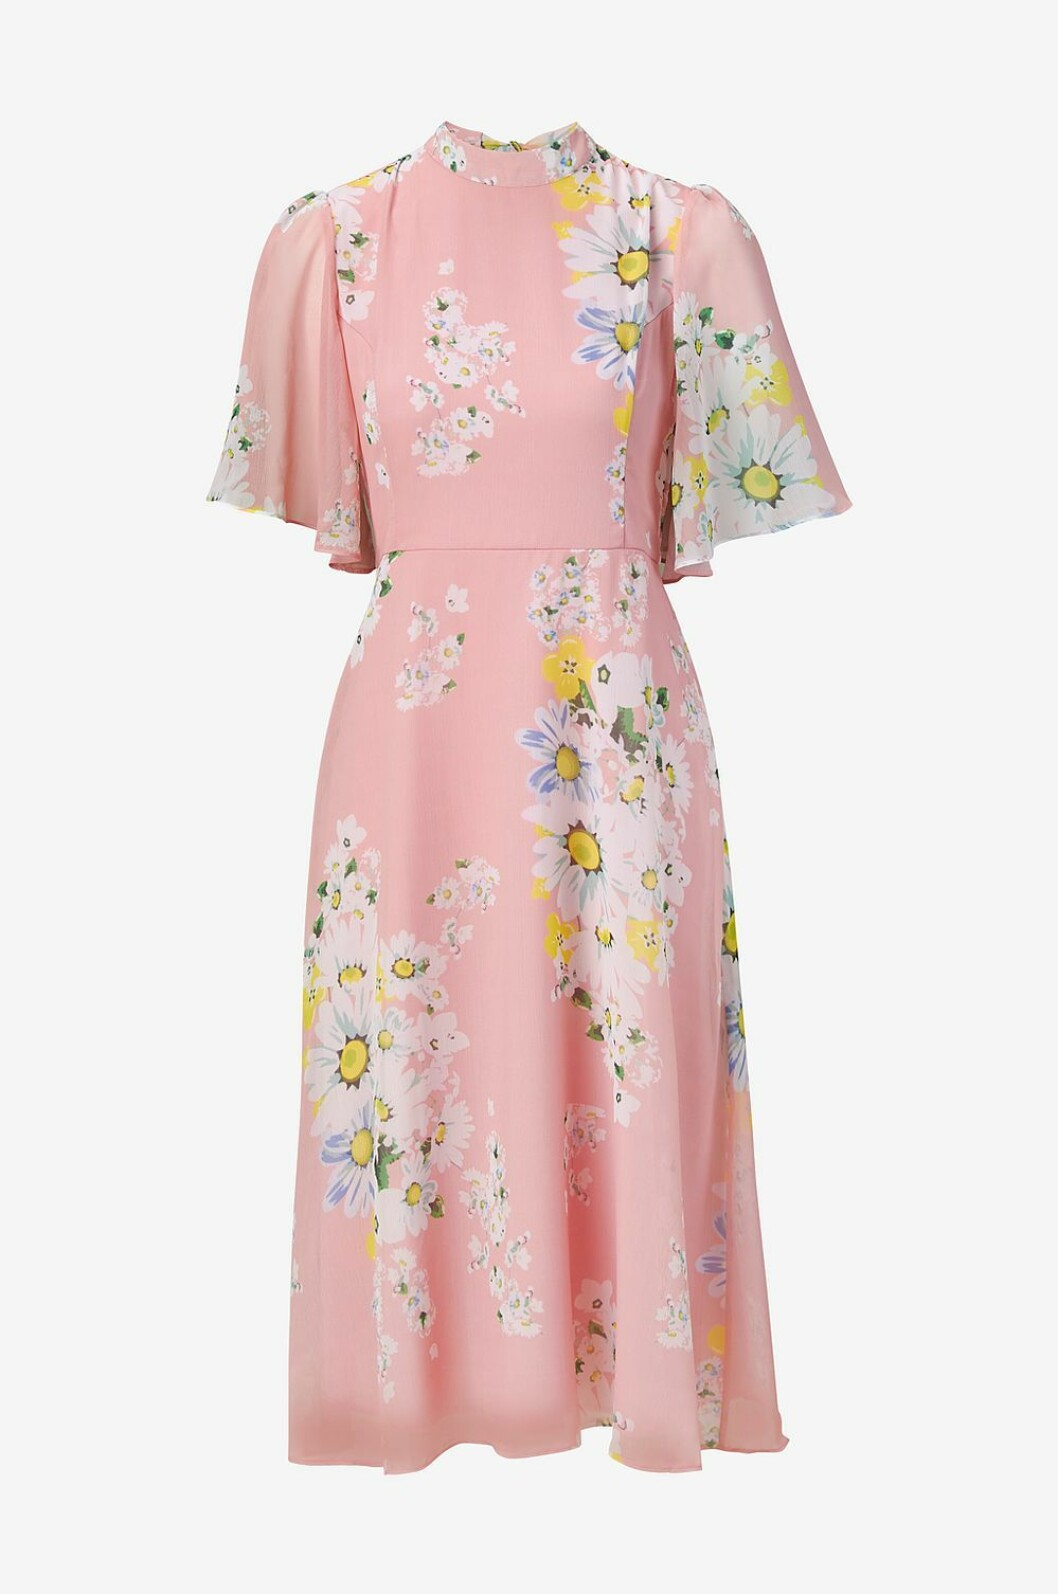 Rosa klänning med blommor till bröllop 2019